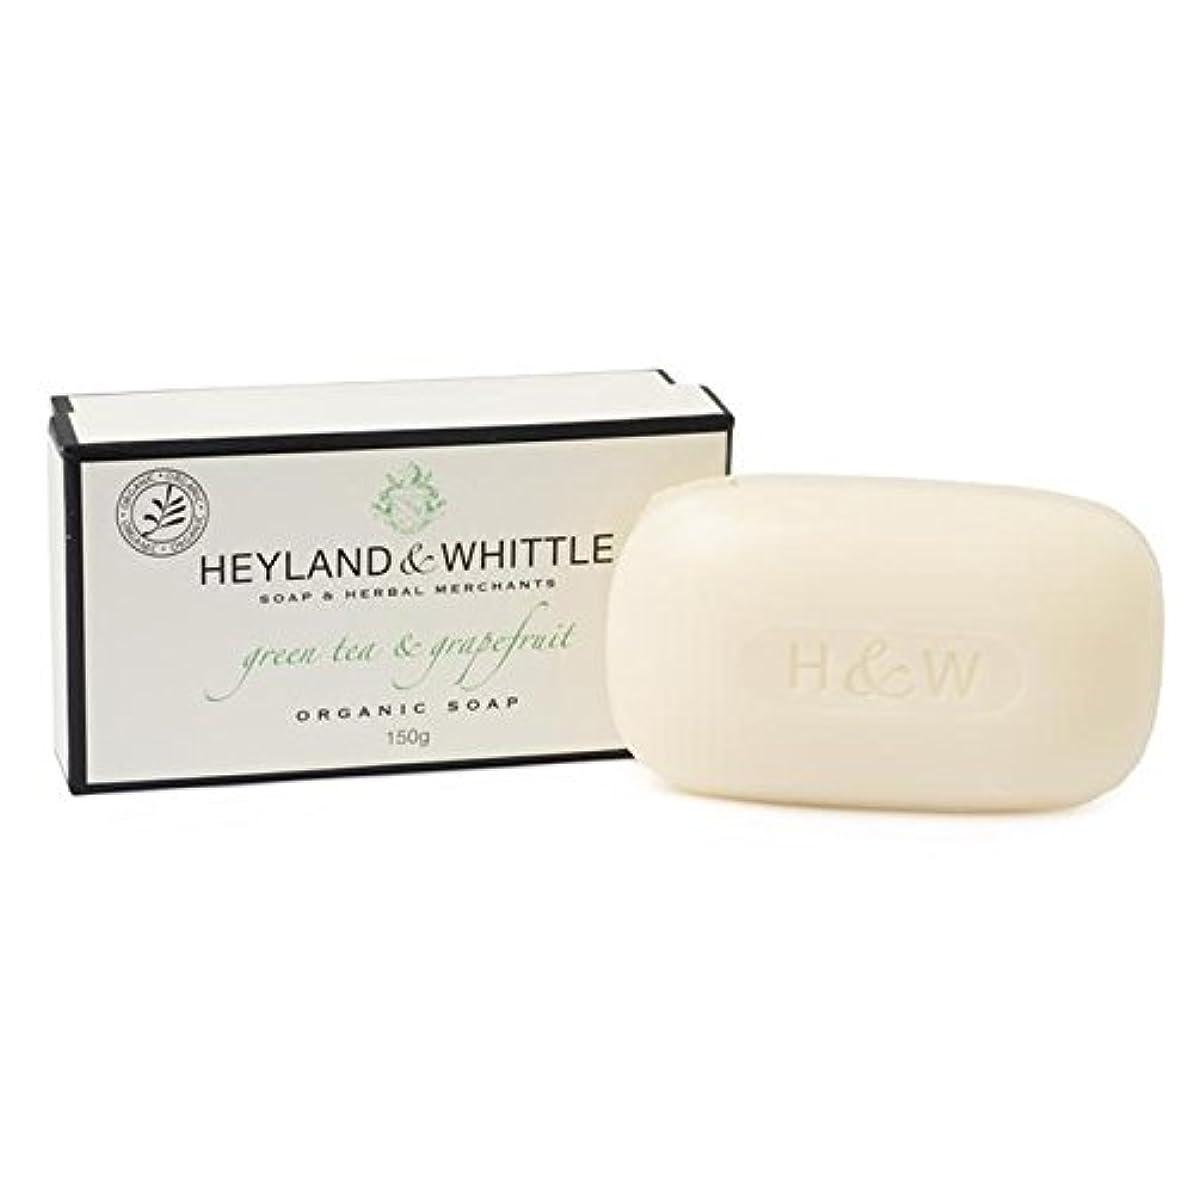 協力変数王朝Heyland & Whittle Green Tea & Grapefruit Boxed Organic Soap 150g (Pack of 6) - &削る緑茶&グレープフルーツはオーガニックソープ150グラム箱入...